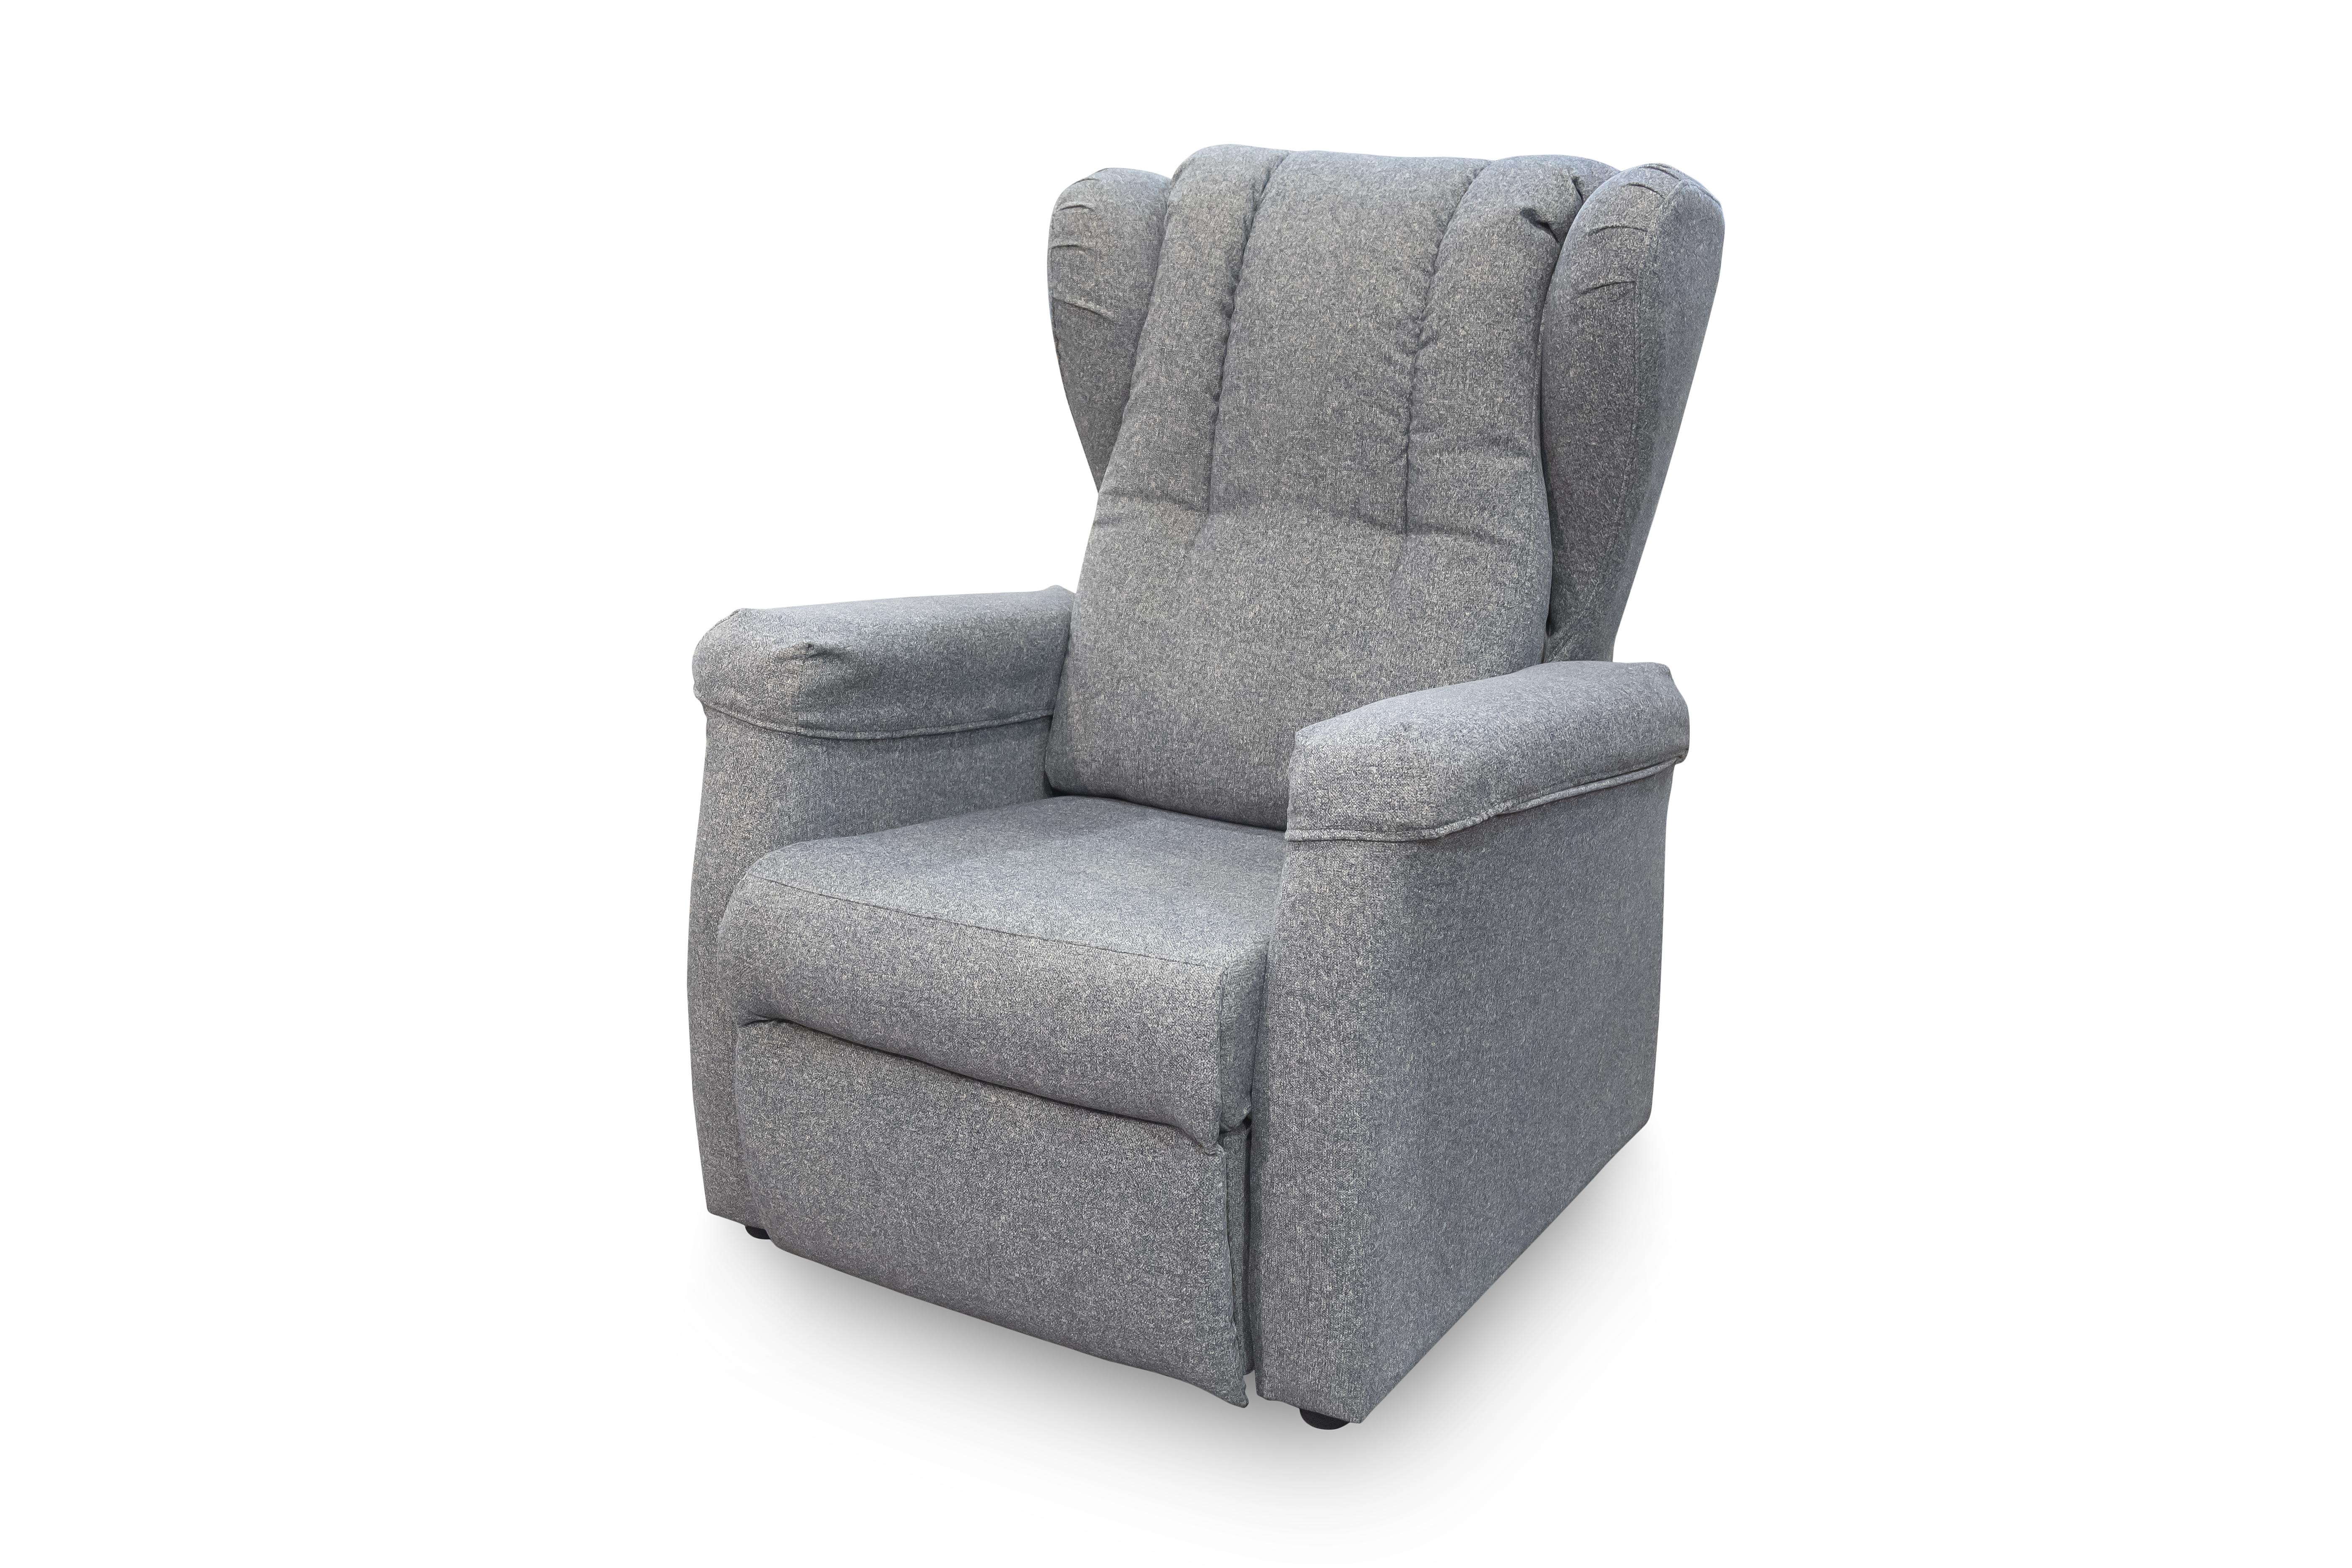 sillon-modelo-nevada-relax-electrico-250e